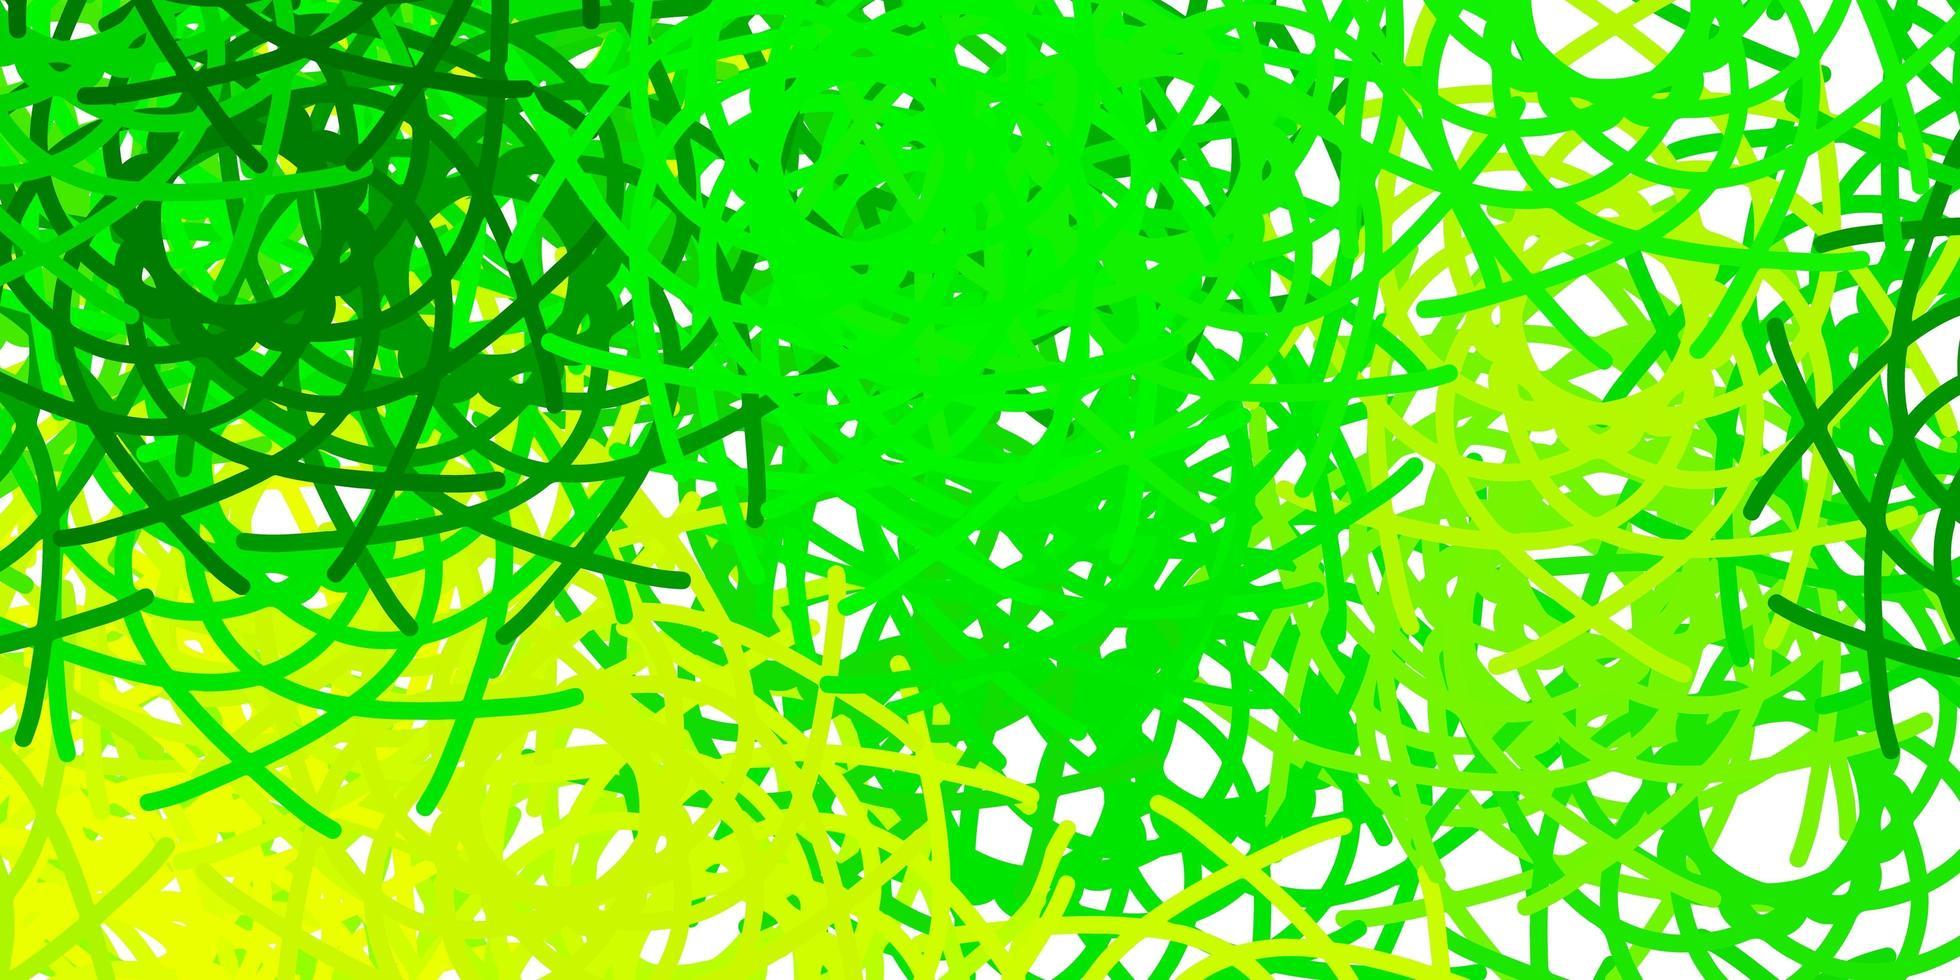 texture de vecteur vert clair, jaune avec des formes de memphis.